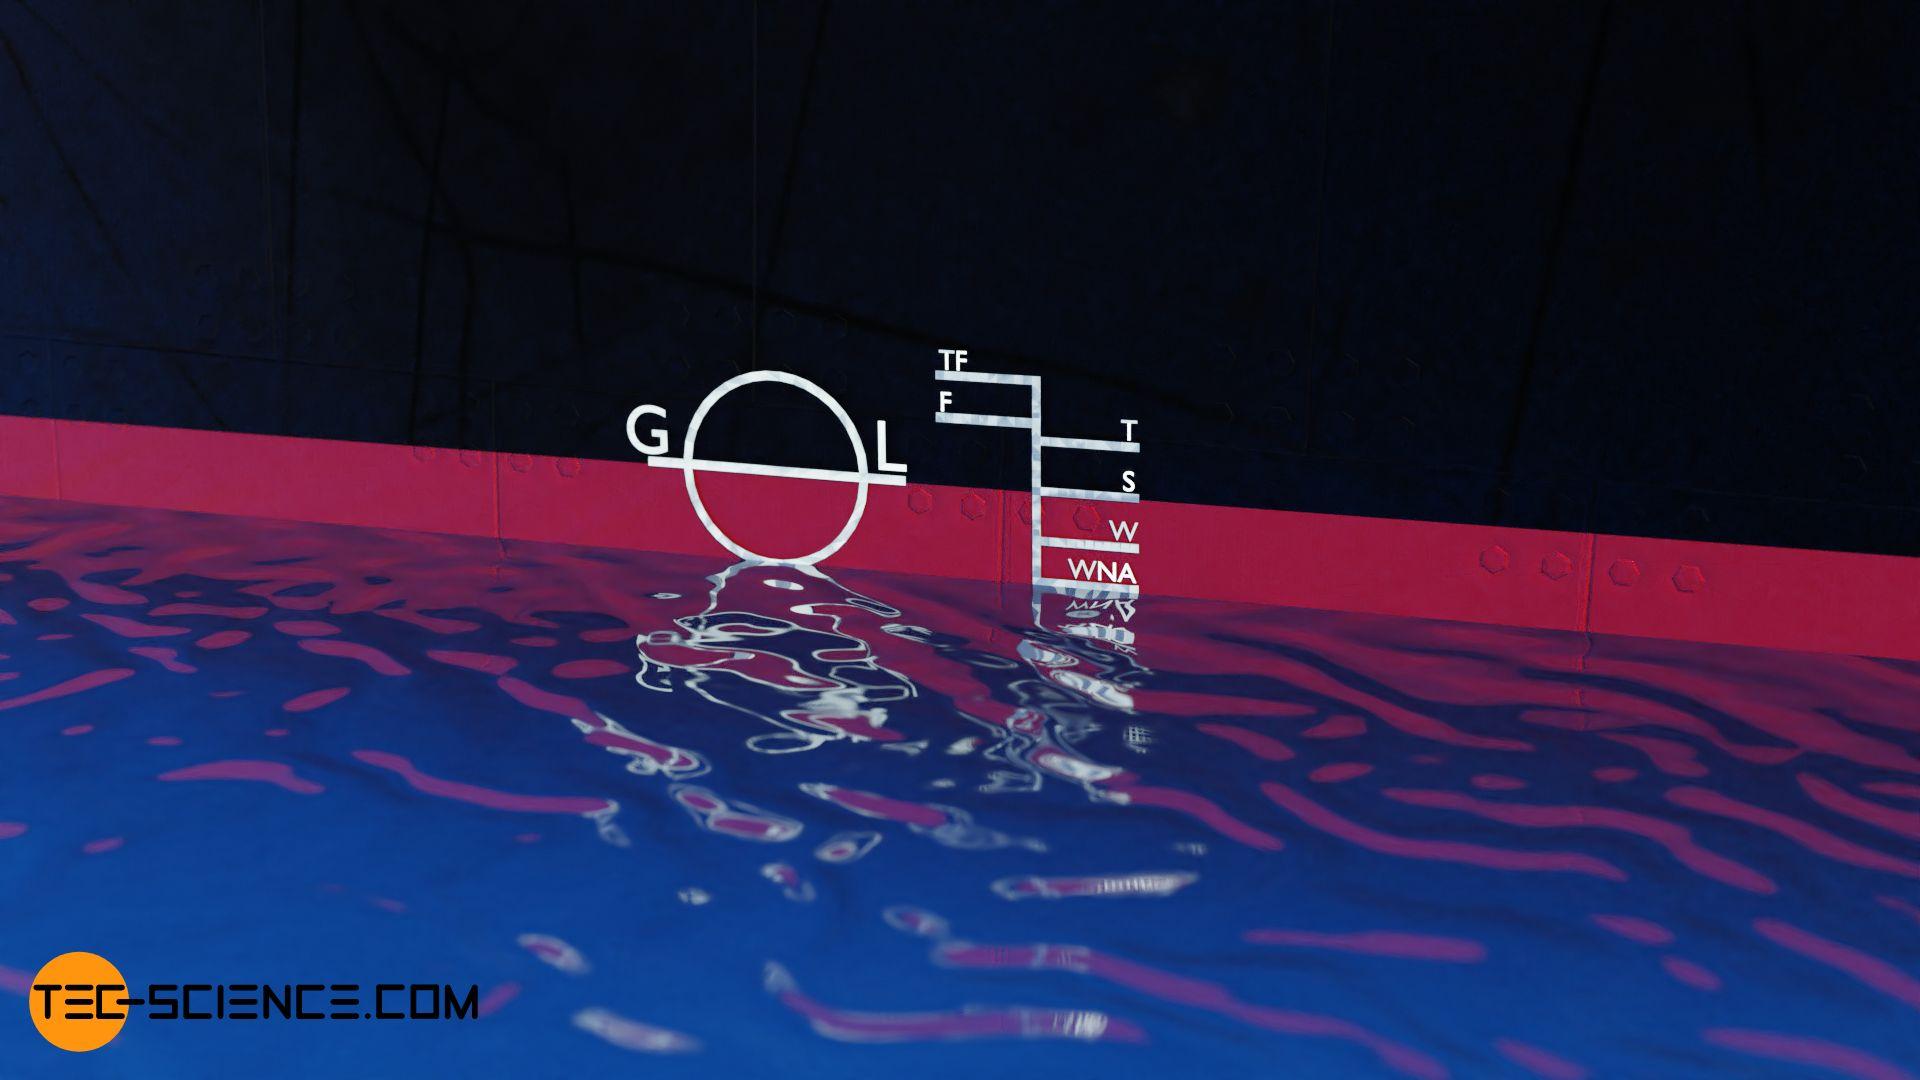 Plimsoll mark on a ship